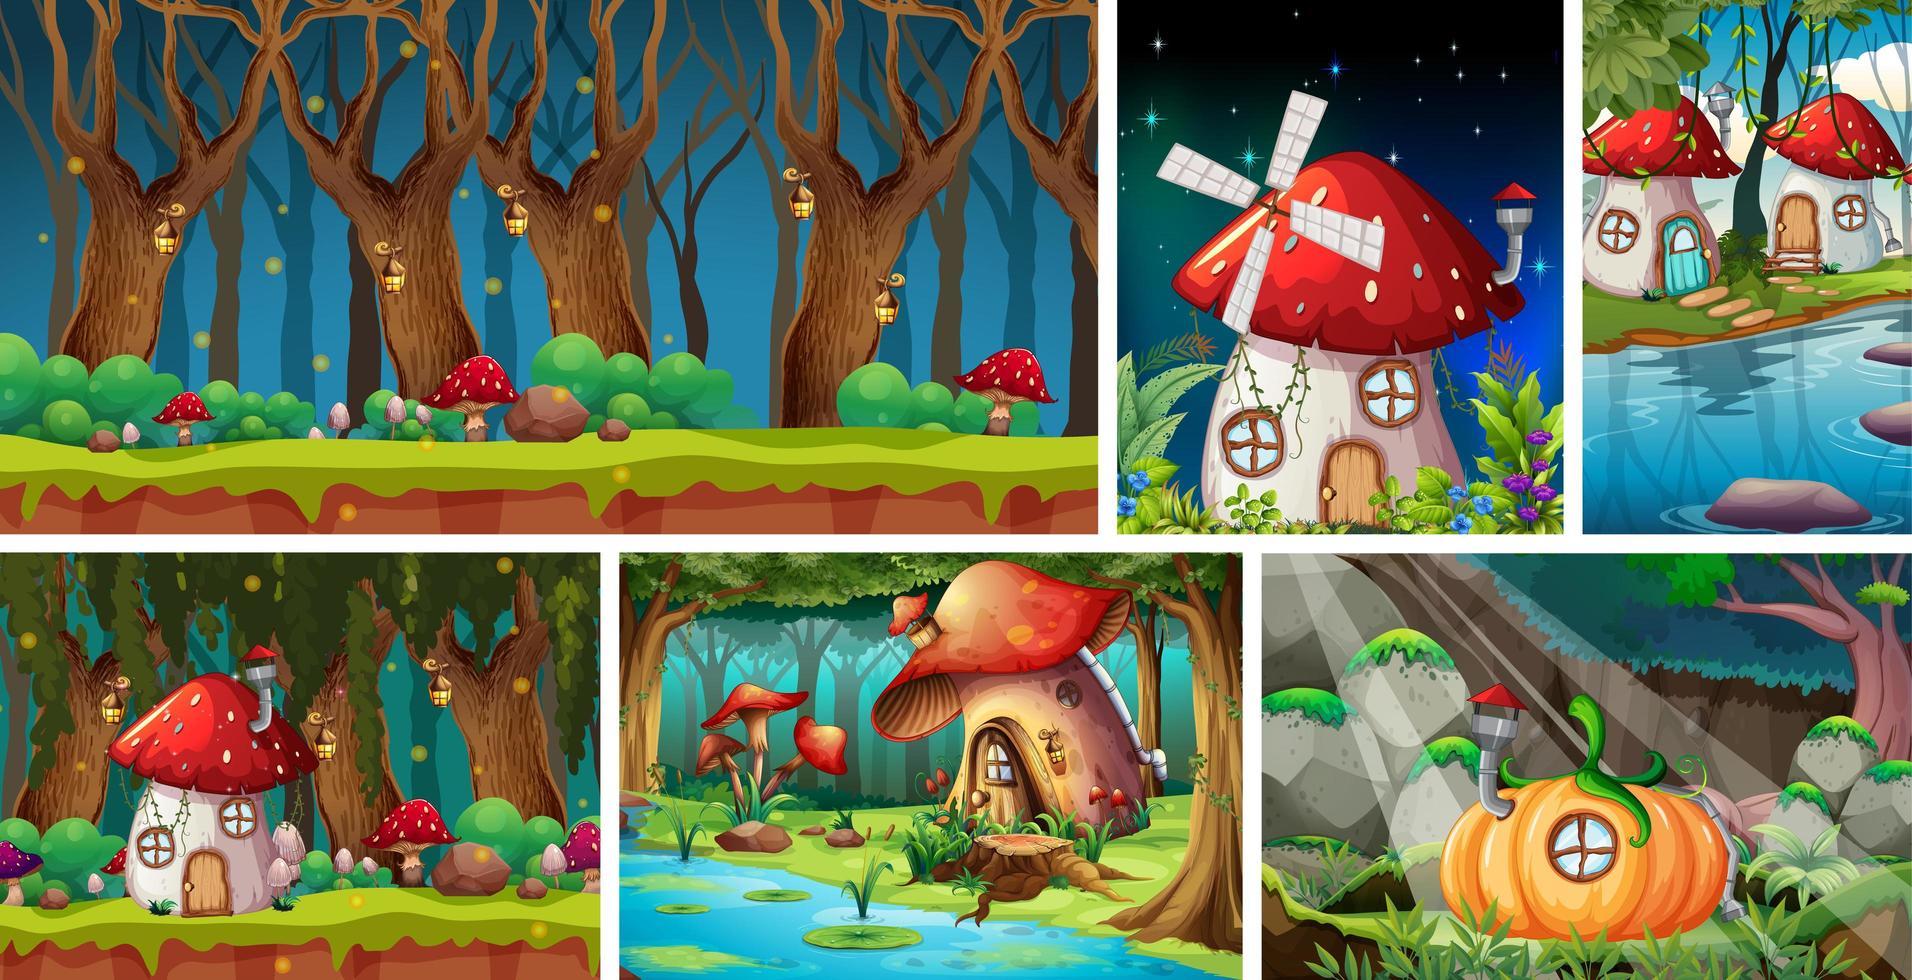 sechs verschiedene Szenen der Fantasiewelt vektor